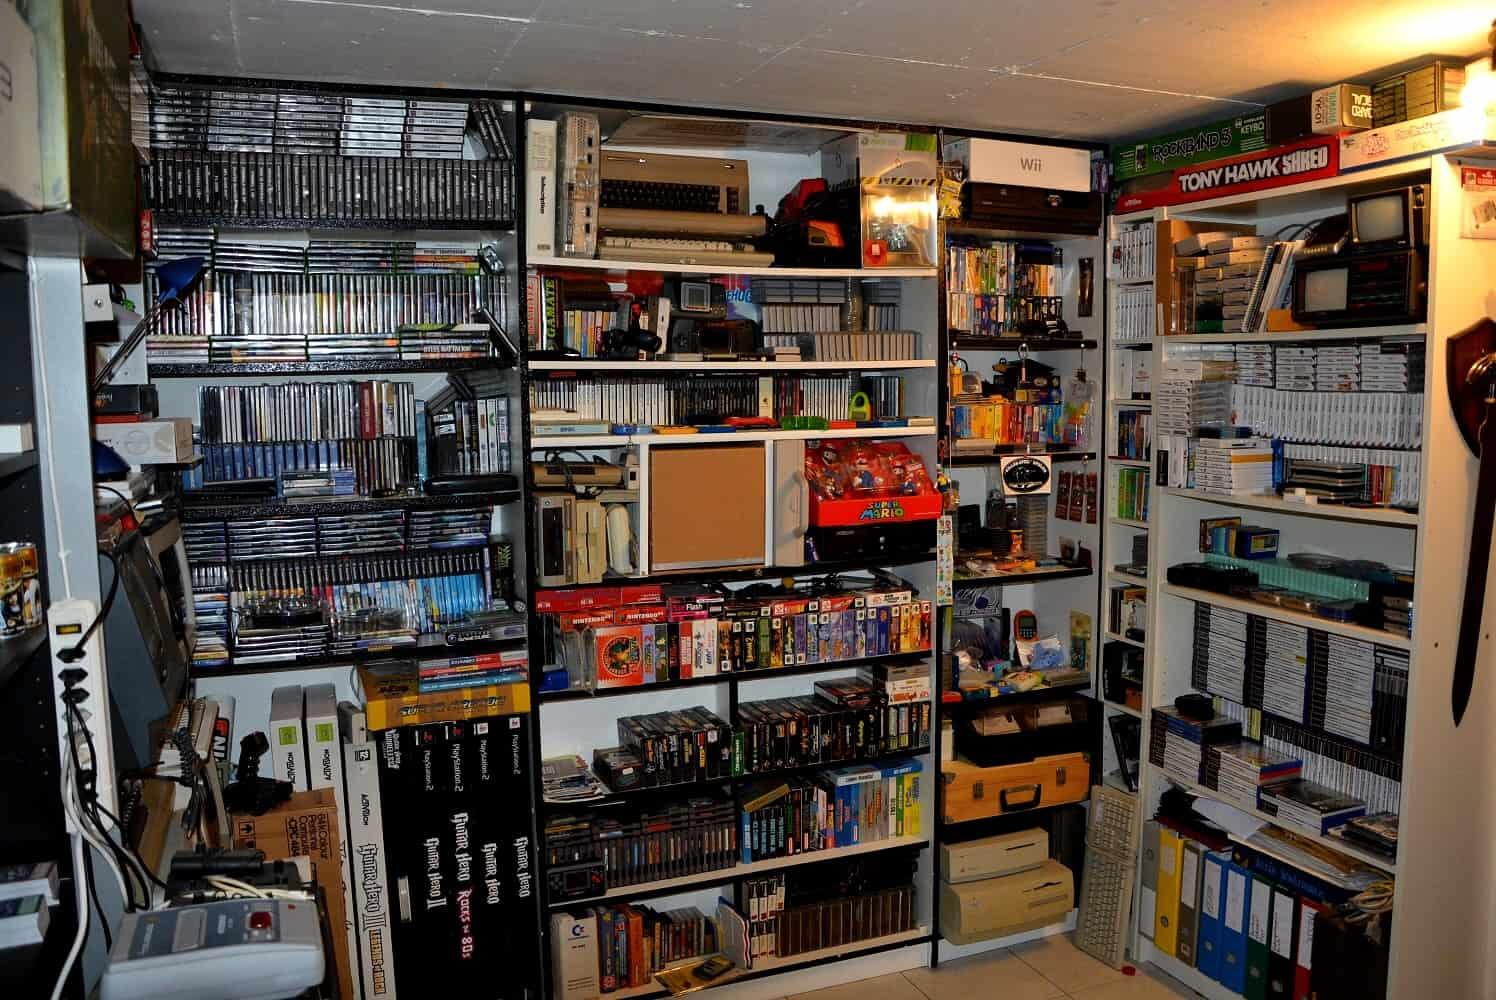 Collezionismo videogiochi collezione 01